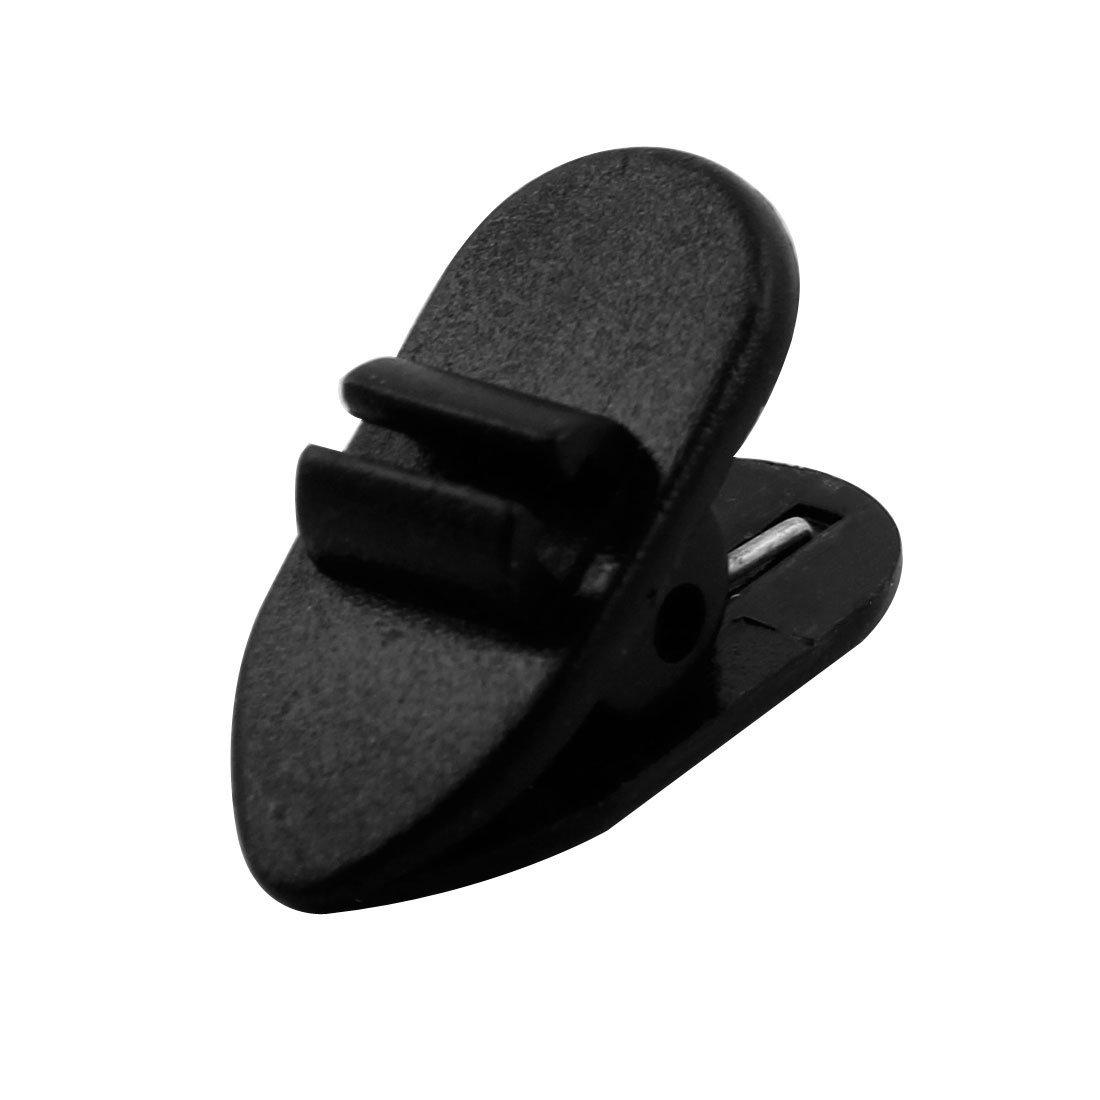 Amazon.com: eDealMax Universal del Deporte del Bluetooth V4.1 del oído estéreo gancho de botón del auricular Aviso de la voz sin hilos del auricular Negro: ...